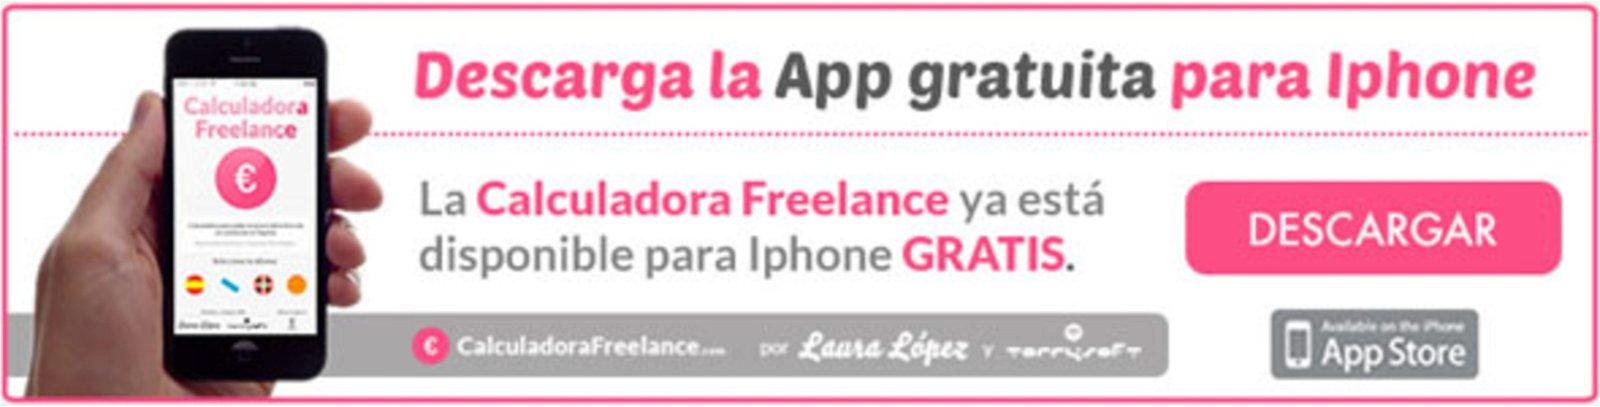 calculadora-freelance-3